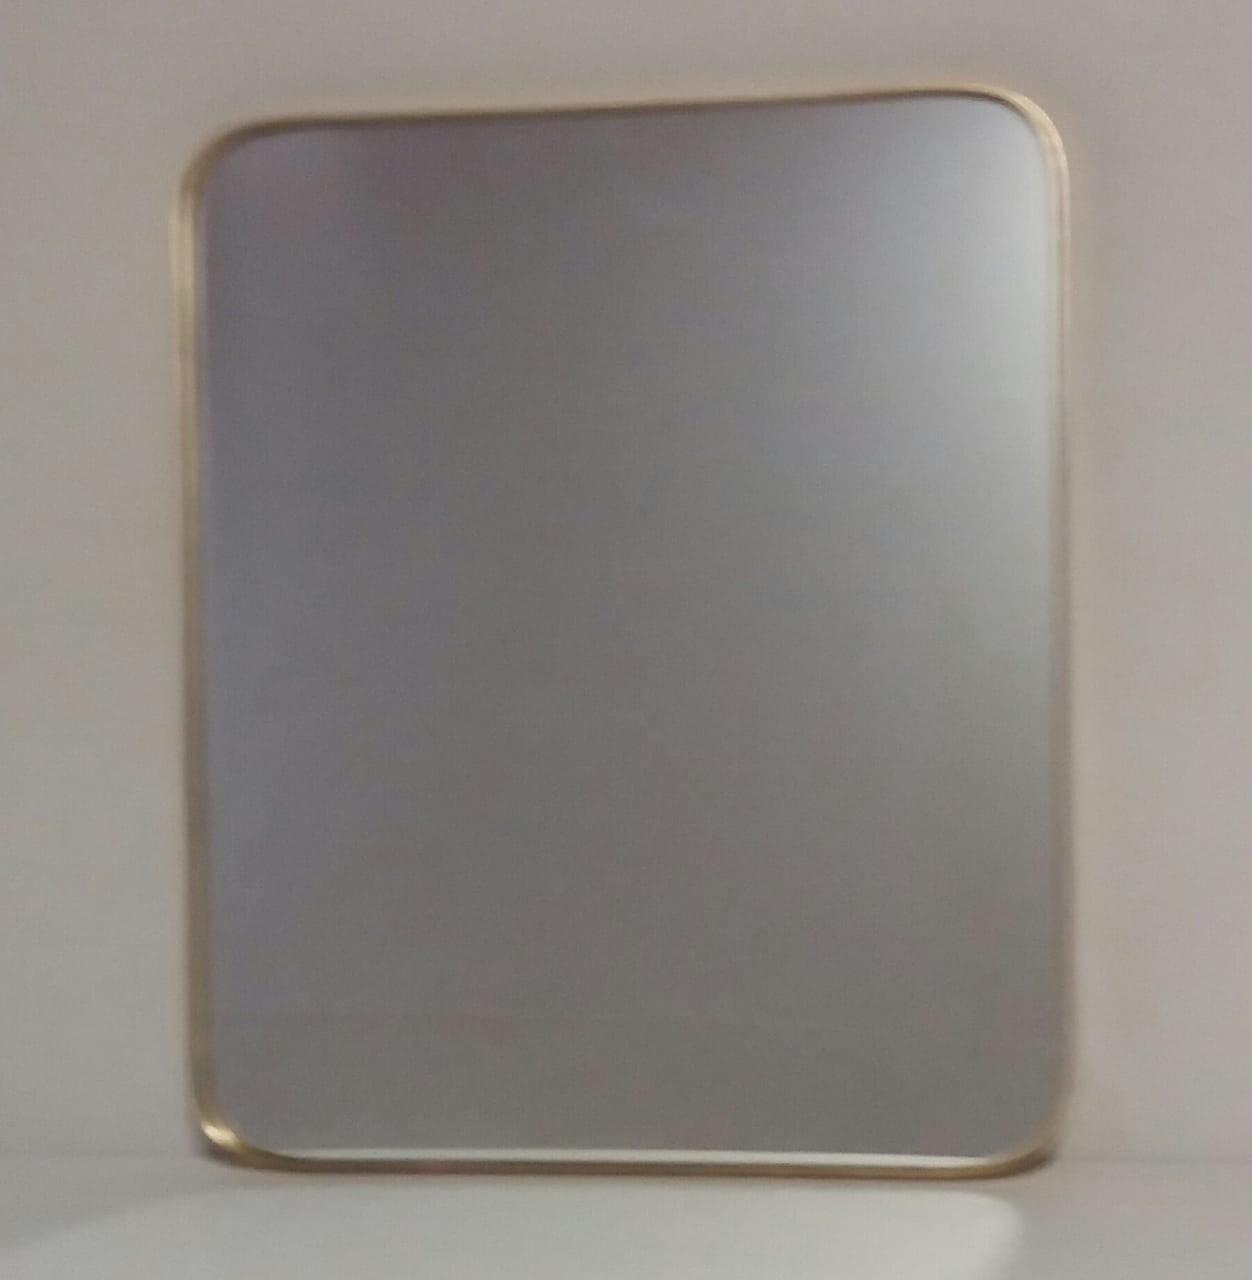 Espelho Retangular com bordas Douradas - frontier